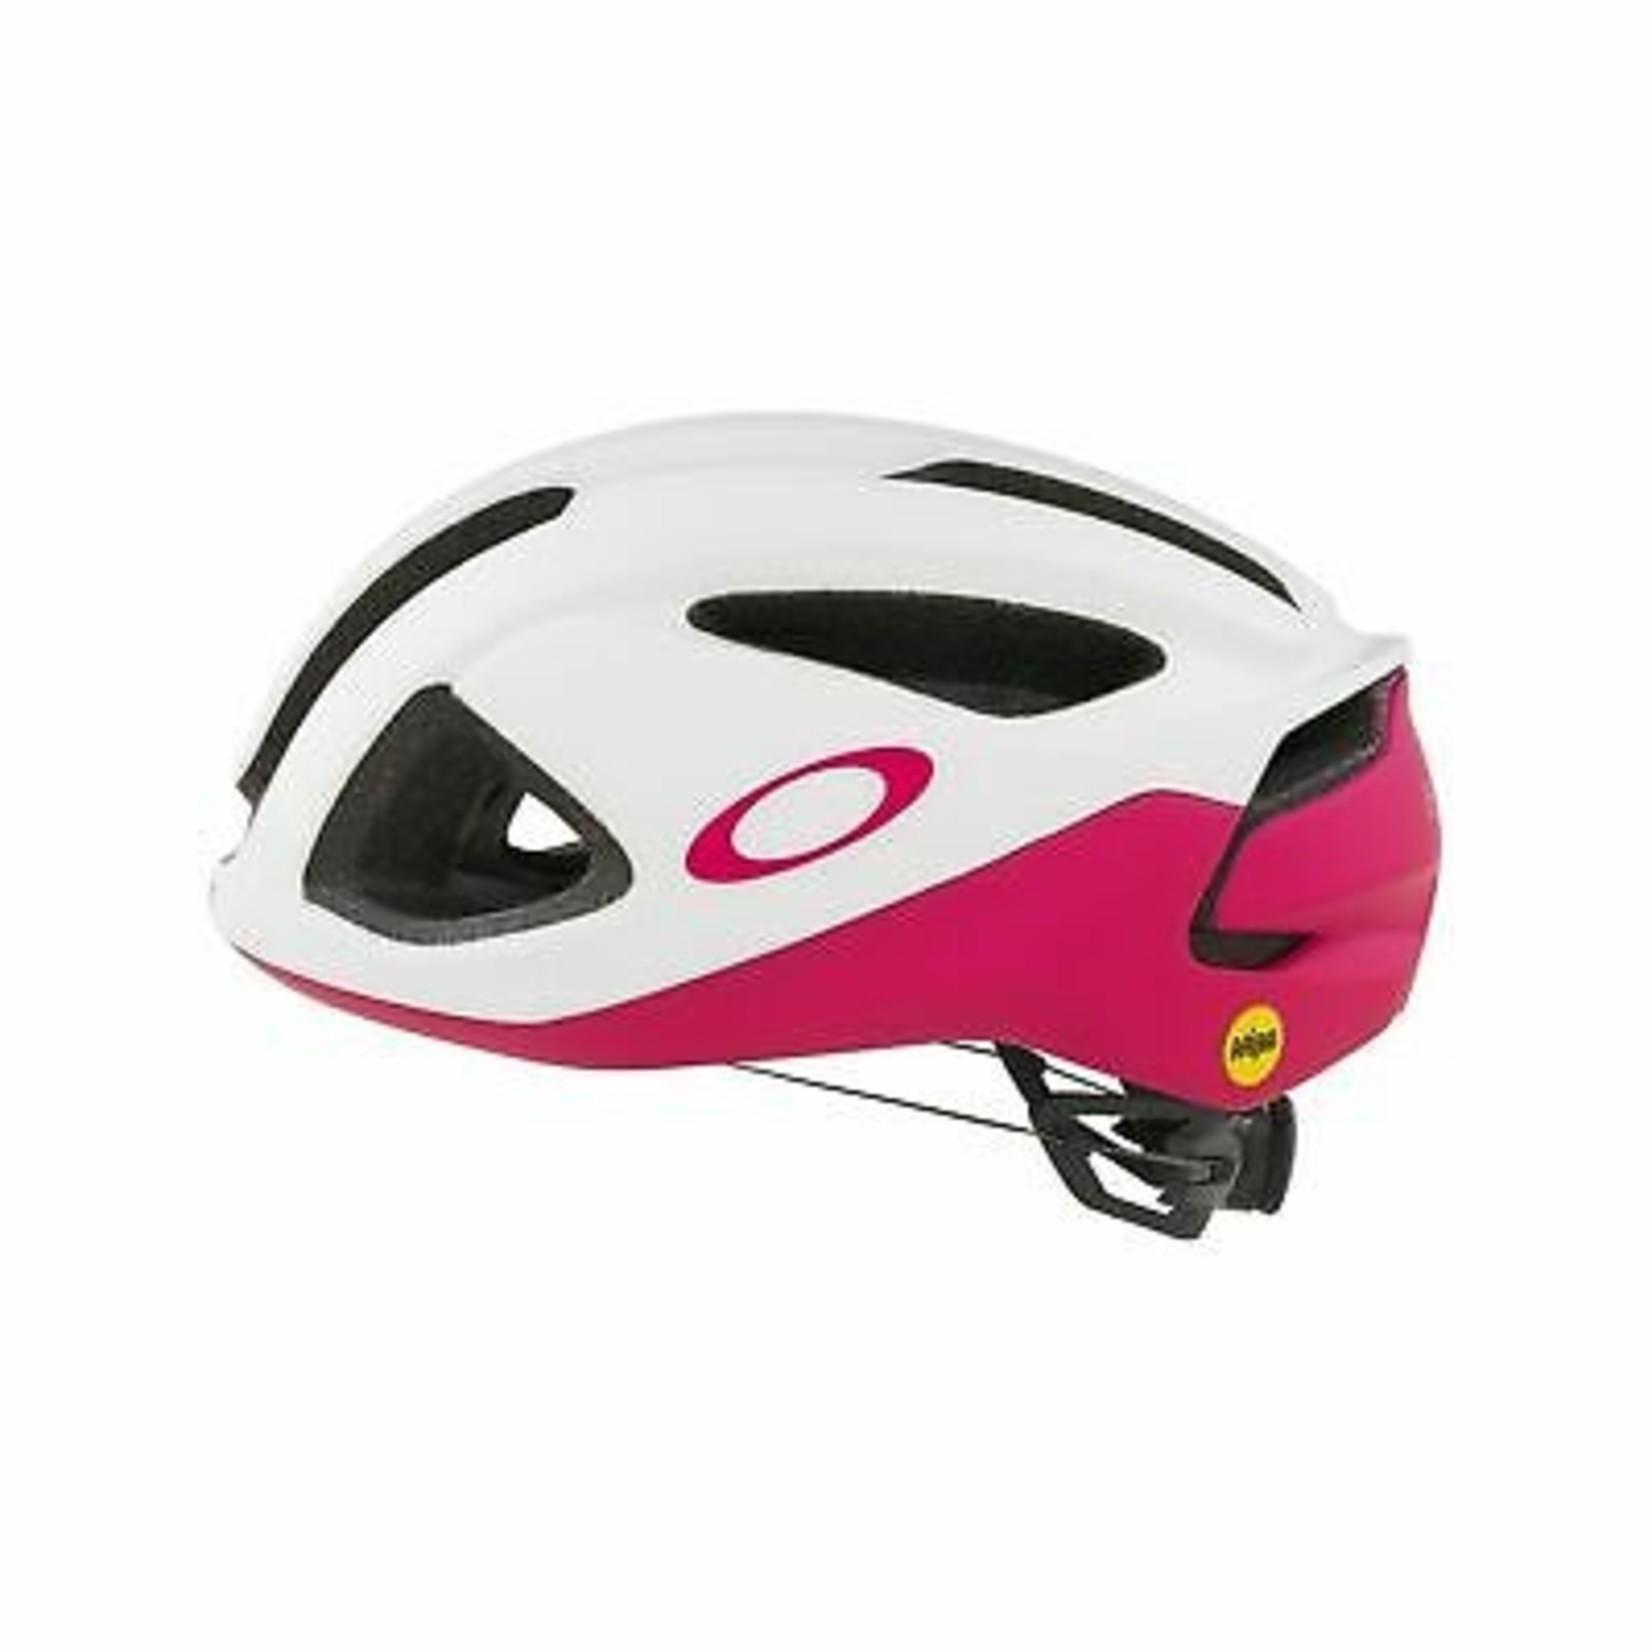 Oakley Oakley ARO5 WHITE/RUBINE RED